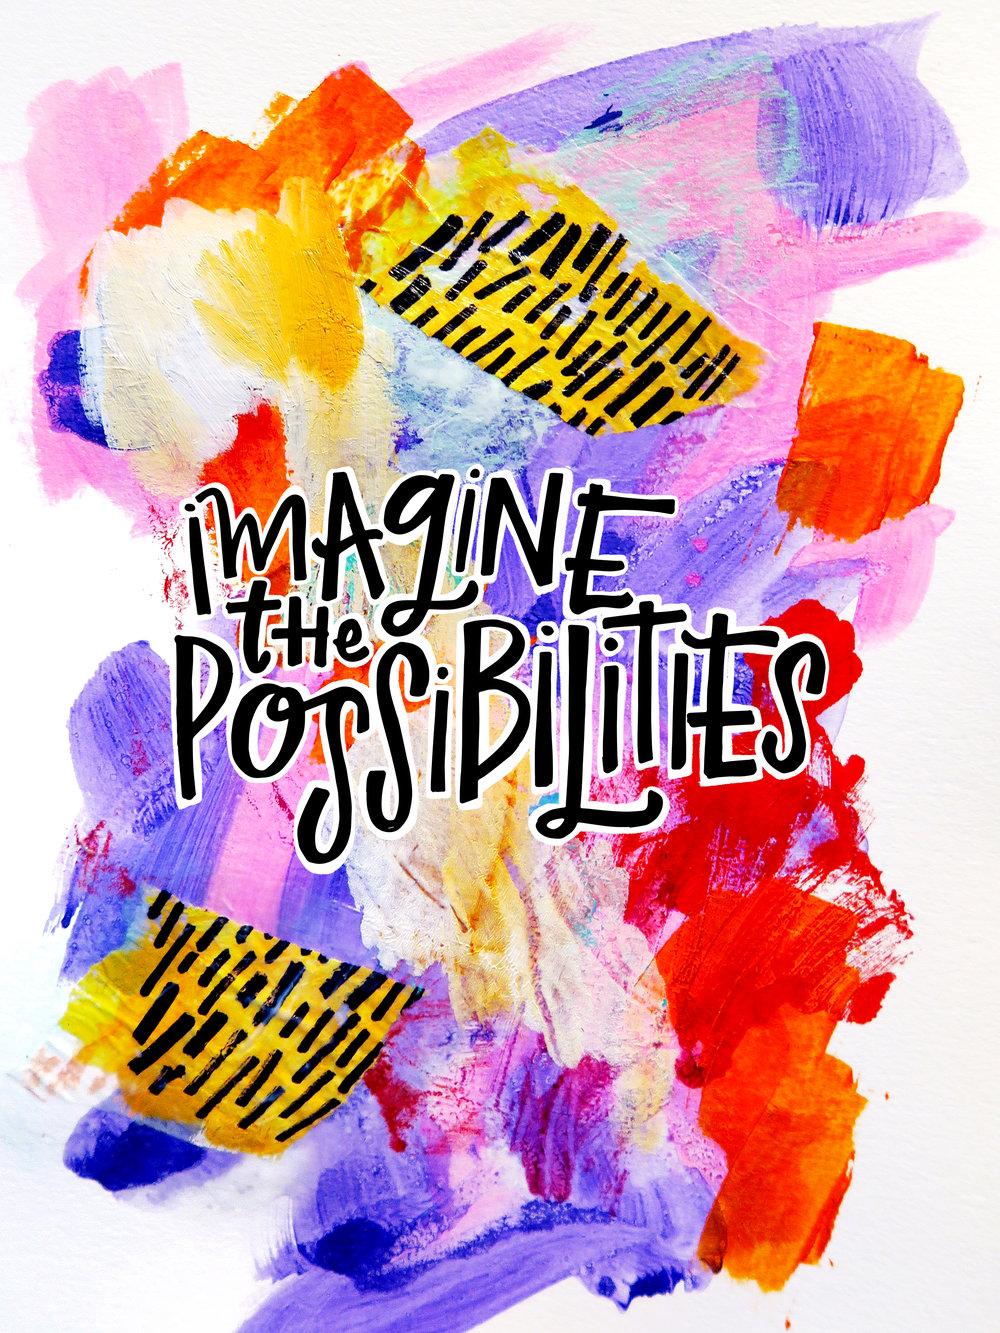 7/19/16: Imagine